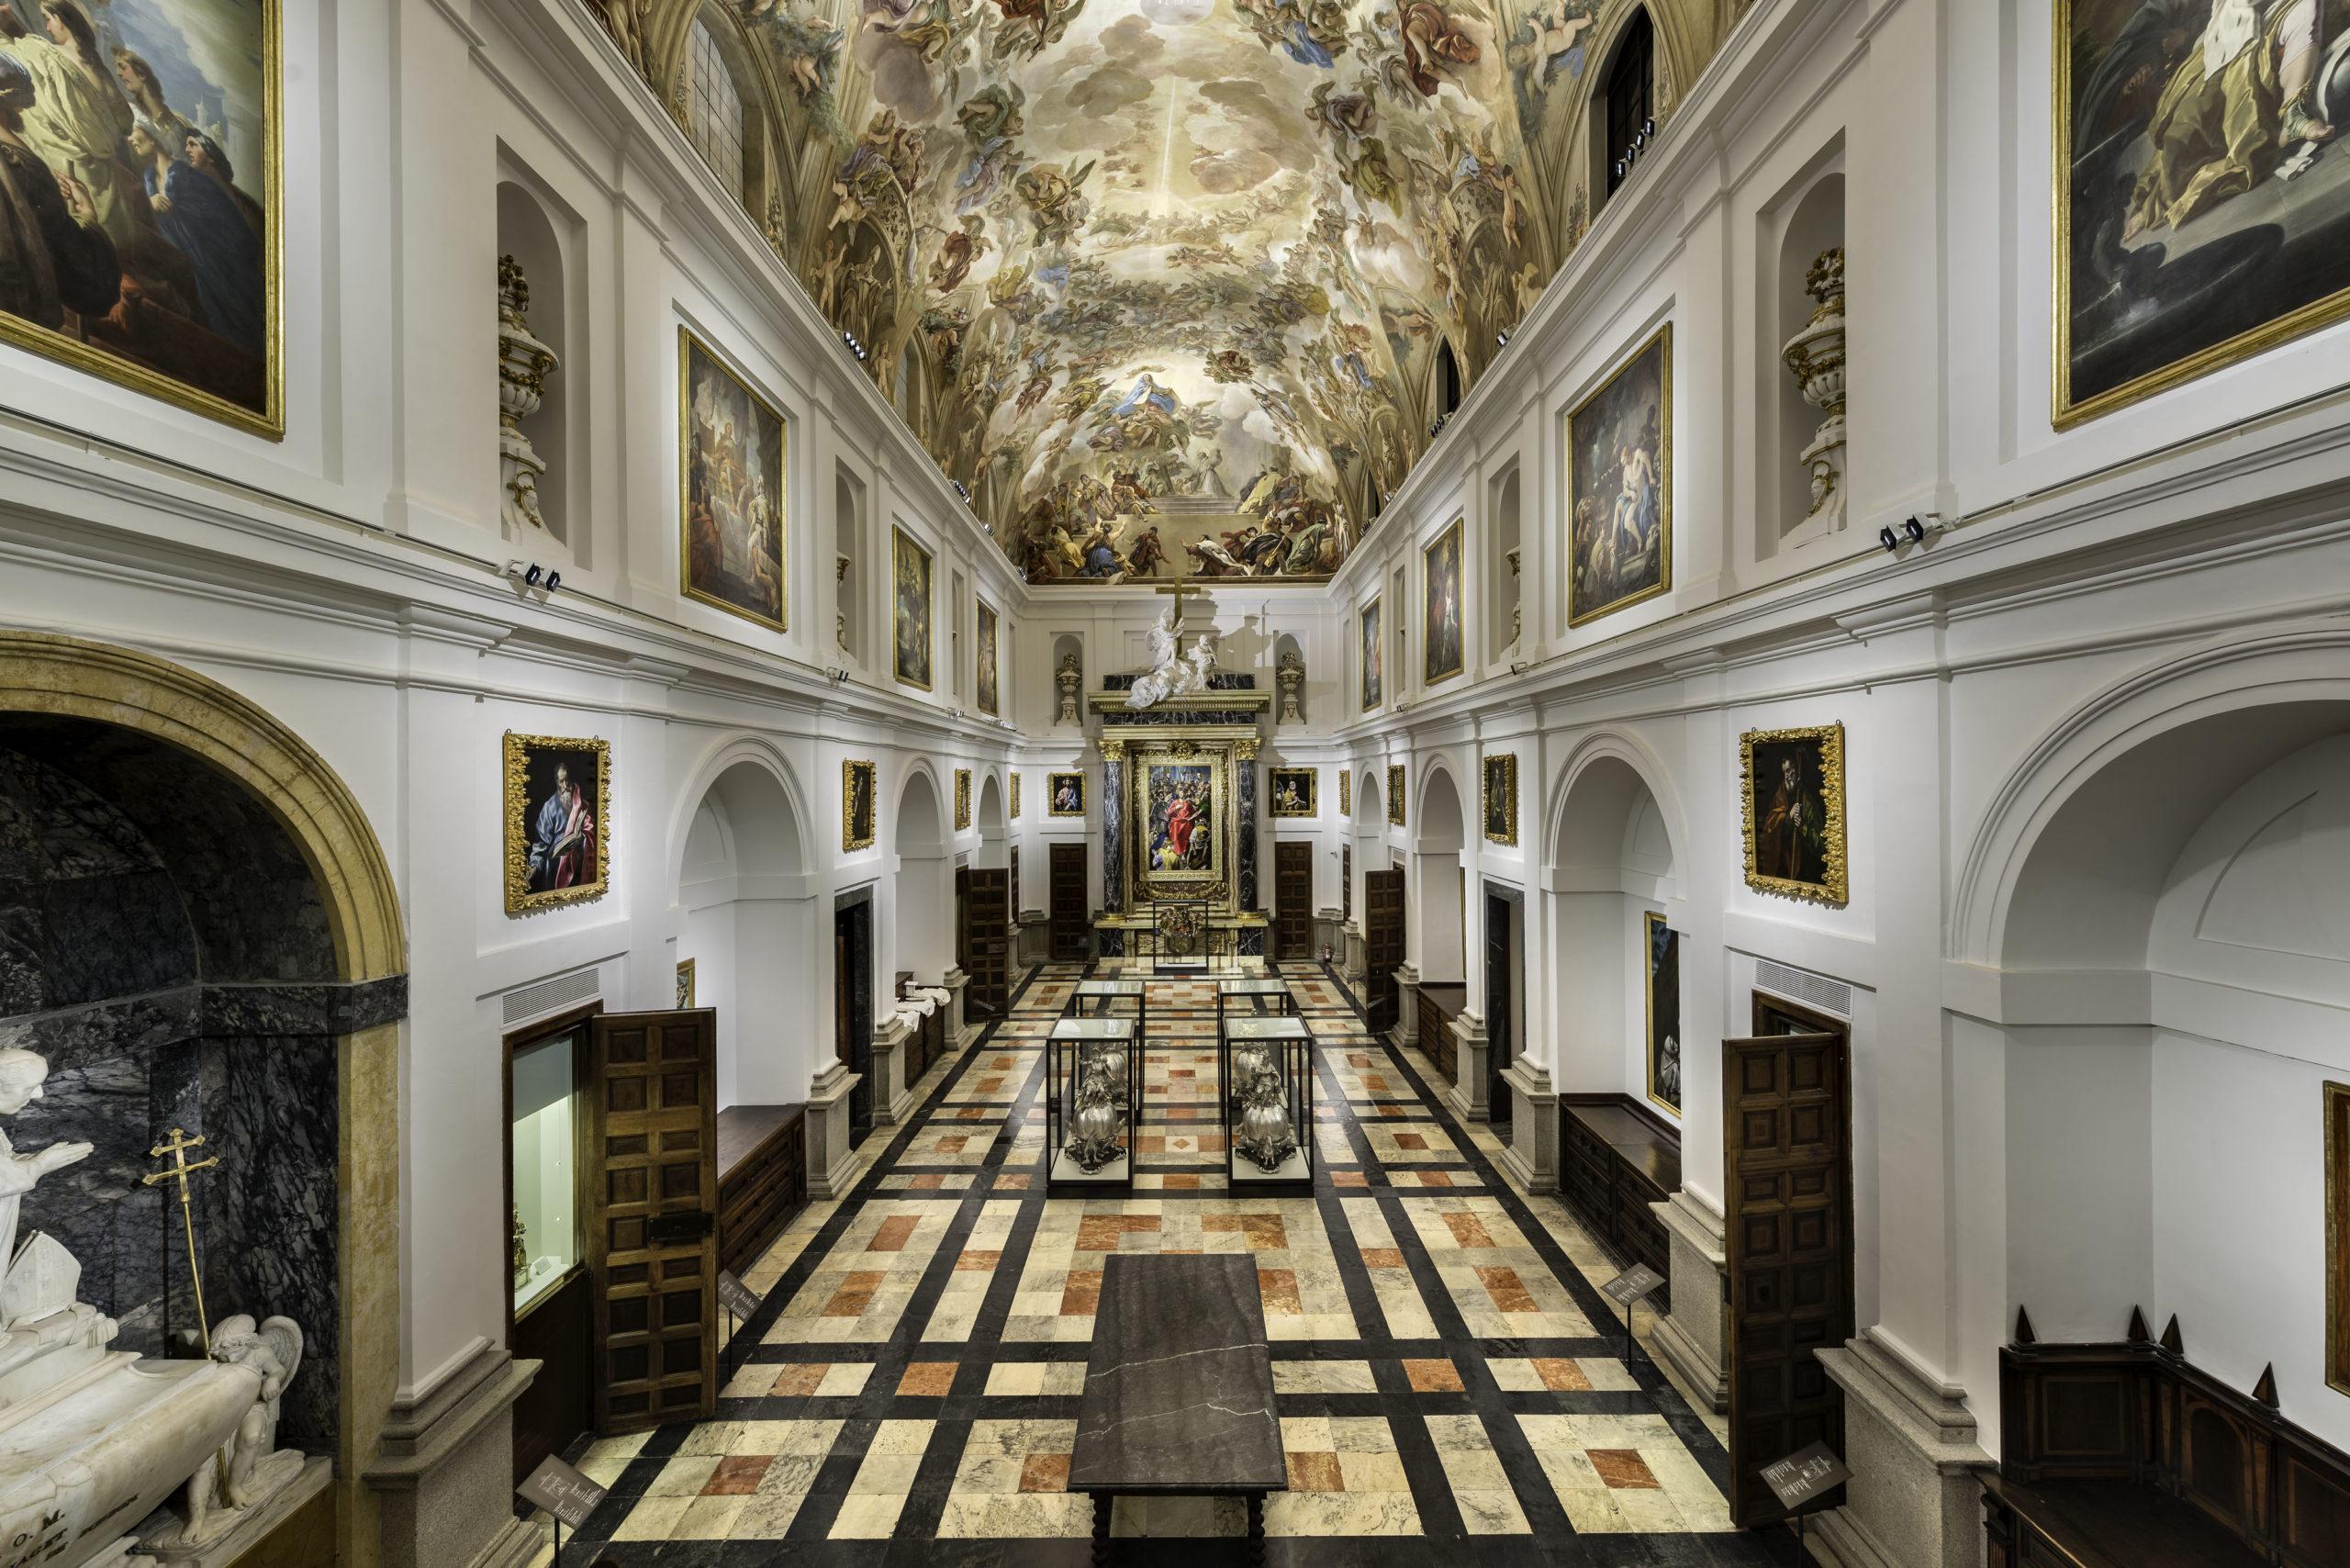 Situado en la sacristía y reformado de manera acertada, el museo cuenta actualmente con las condiciones de iluminación